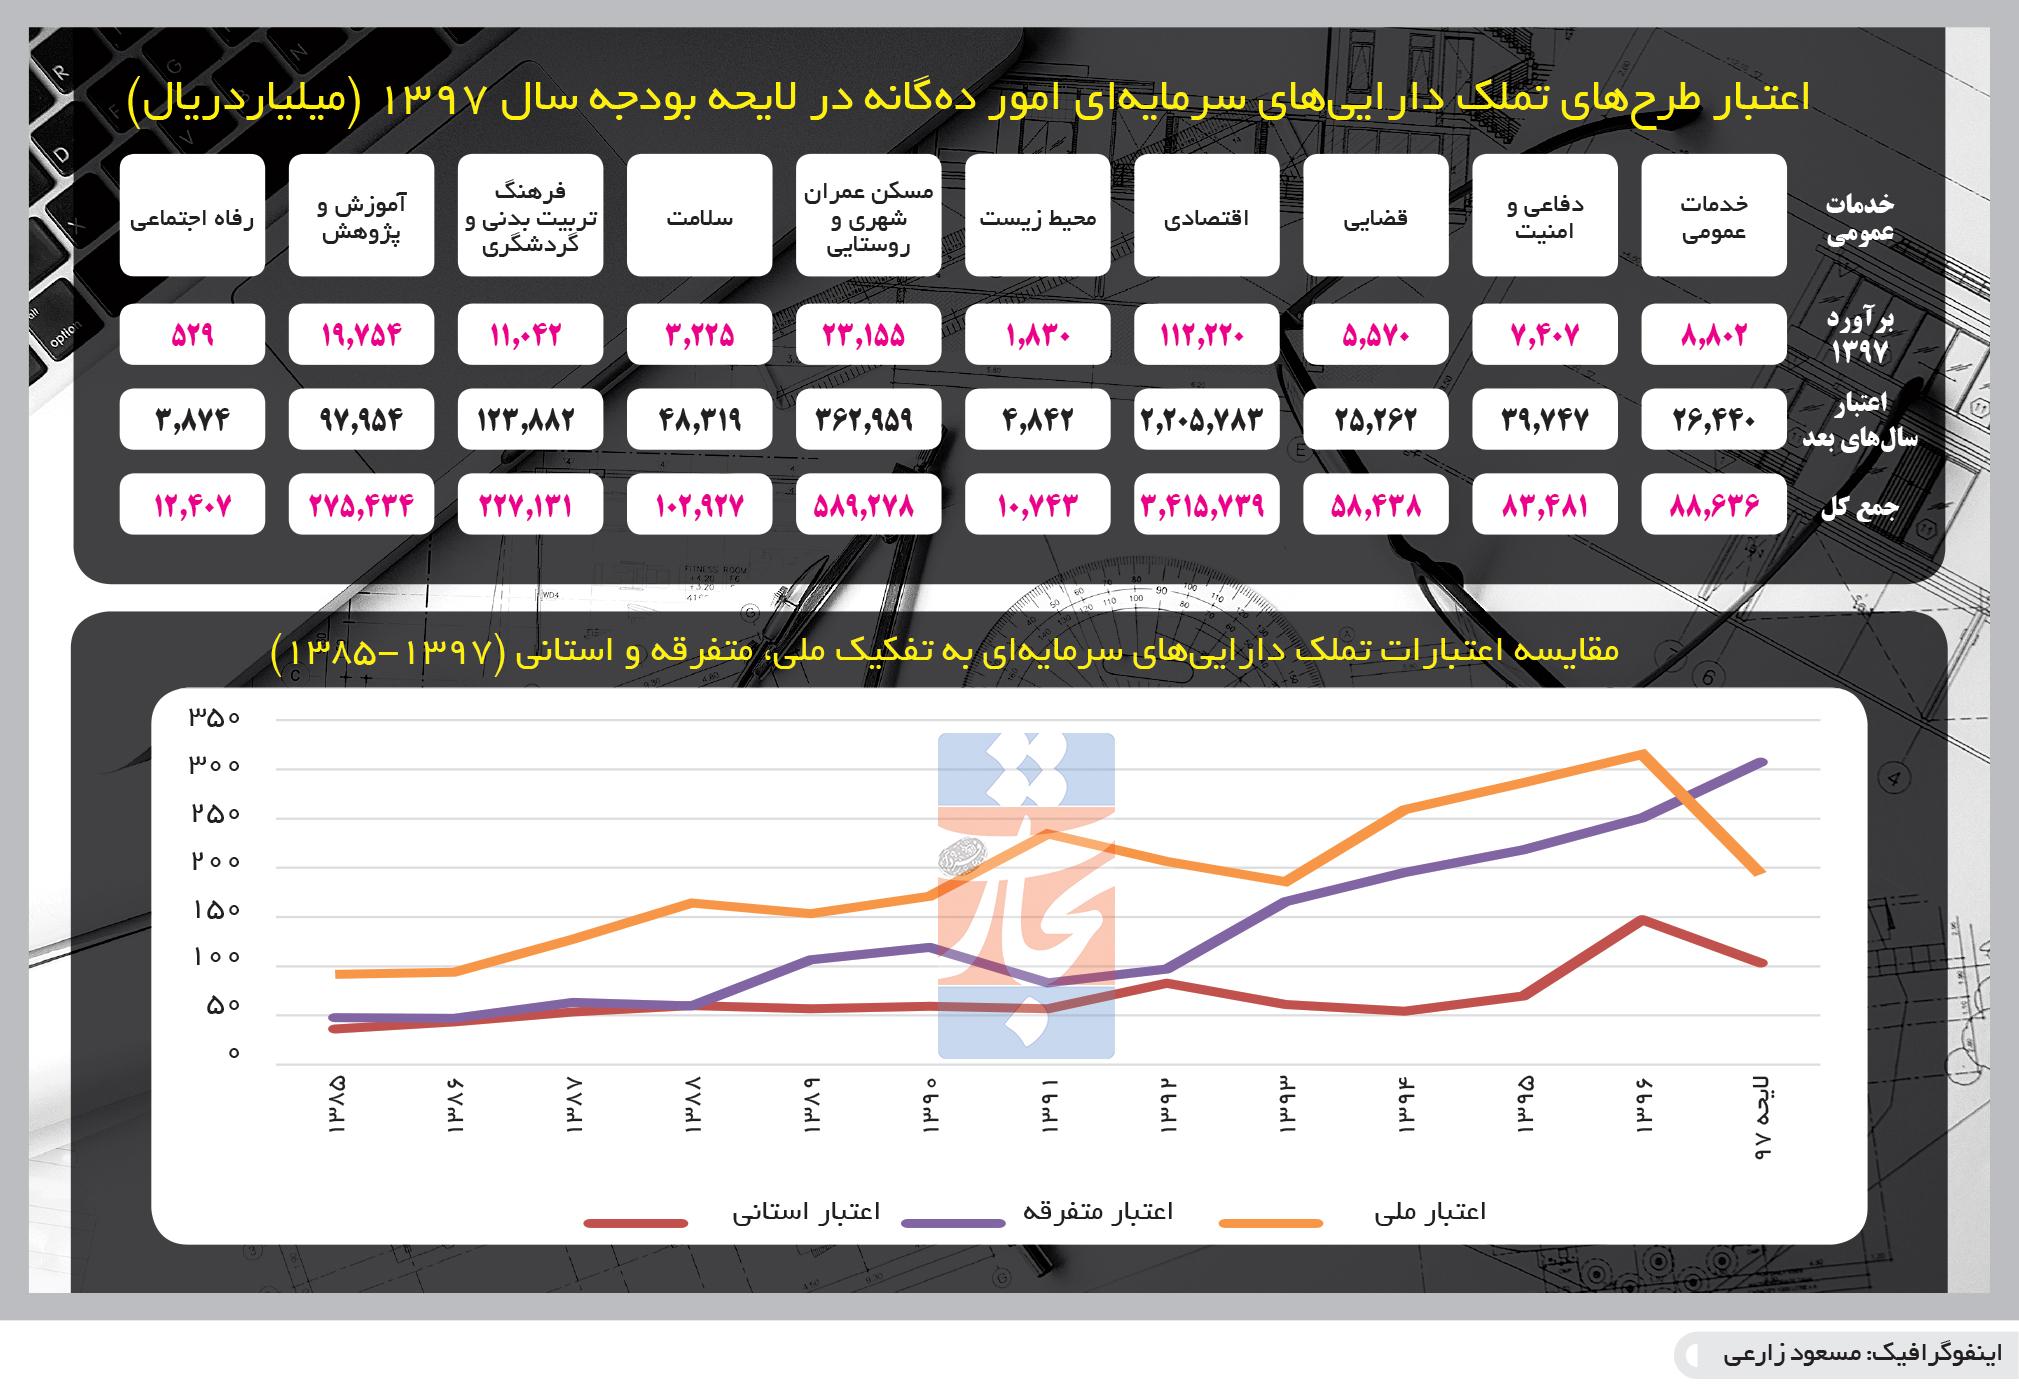 تجارت فردا- اینفوگرافیک- نگاه آماری